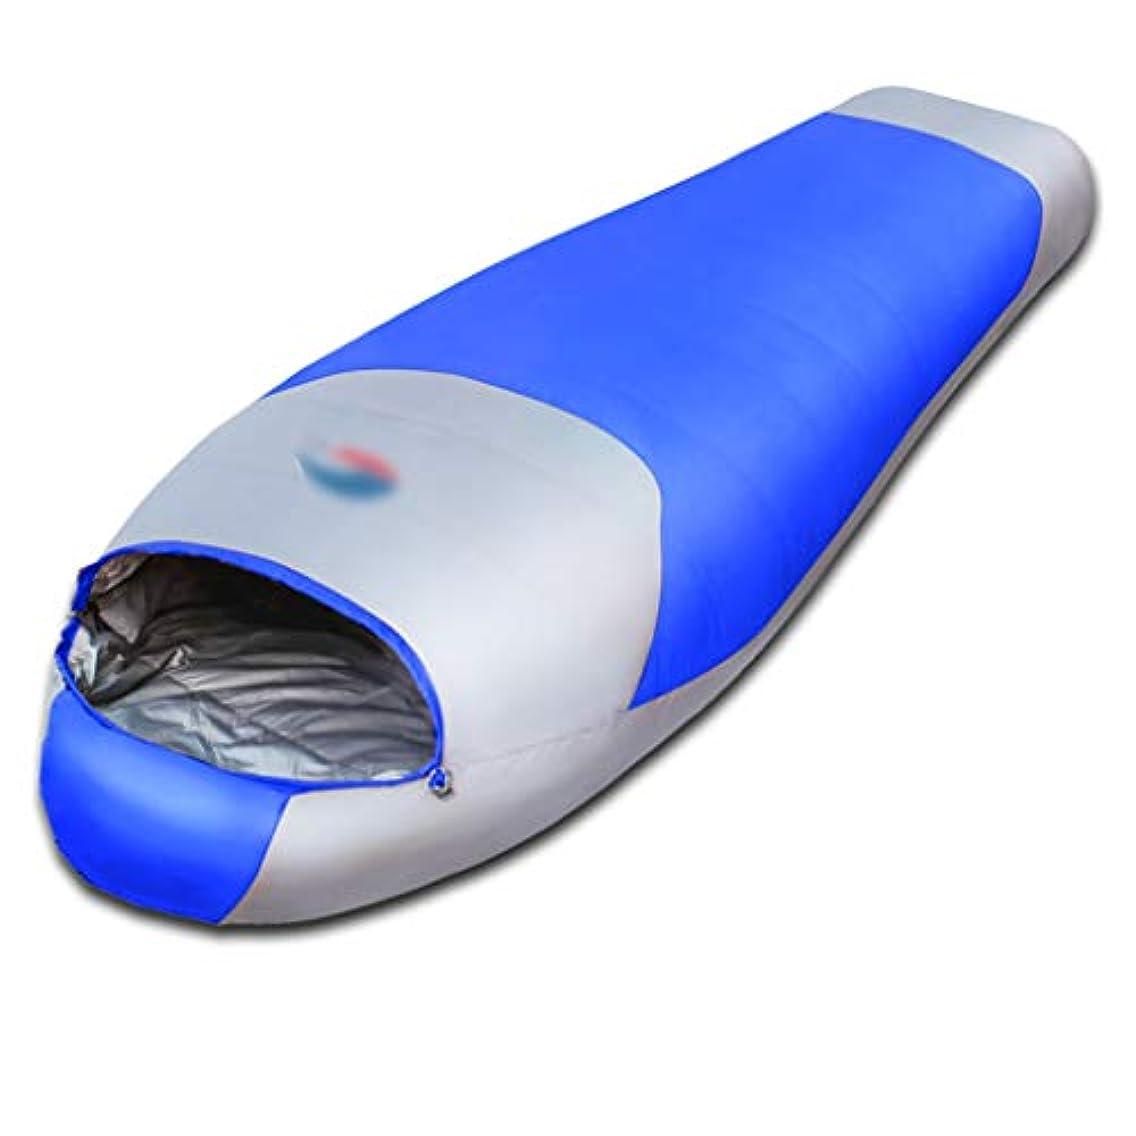 名前刻むスローキャンプ用寝袋キャンプ寝袋大人の寝袋寝袋春と秋の冬のアウトドアキャンプ寝袋大人の屋内の暖かい白アヒルの超軽量寝袋 (Color : ORANGE, Size : 200*78CM)